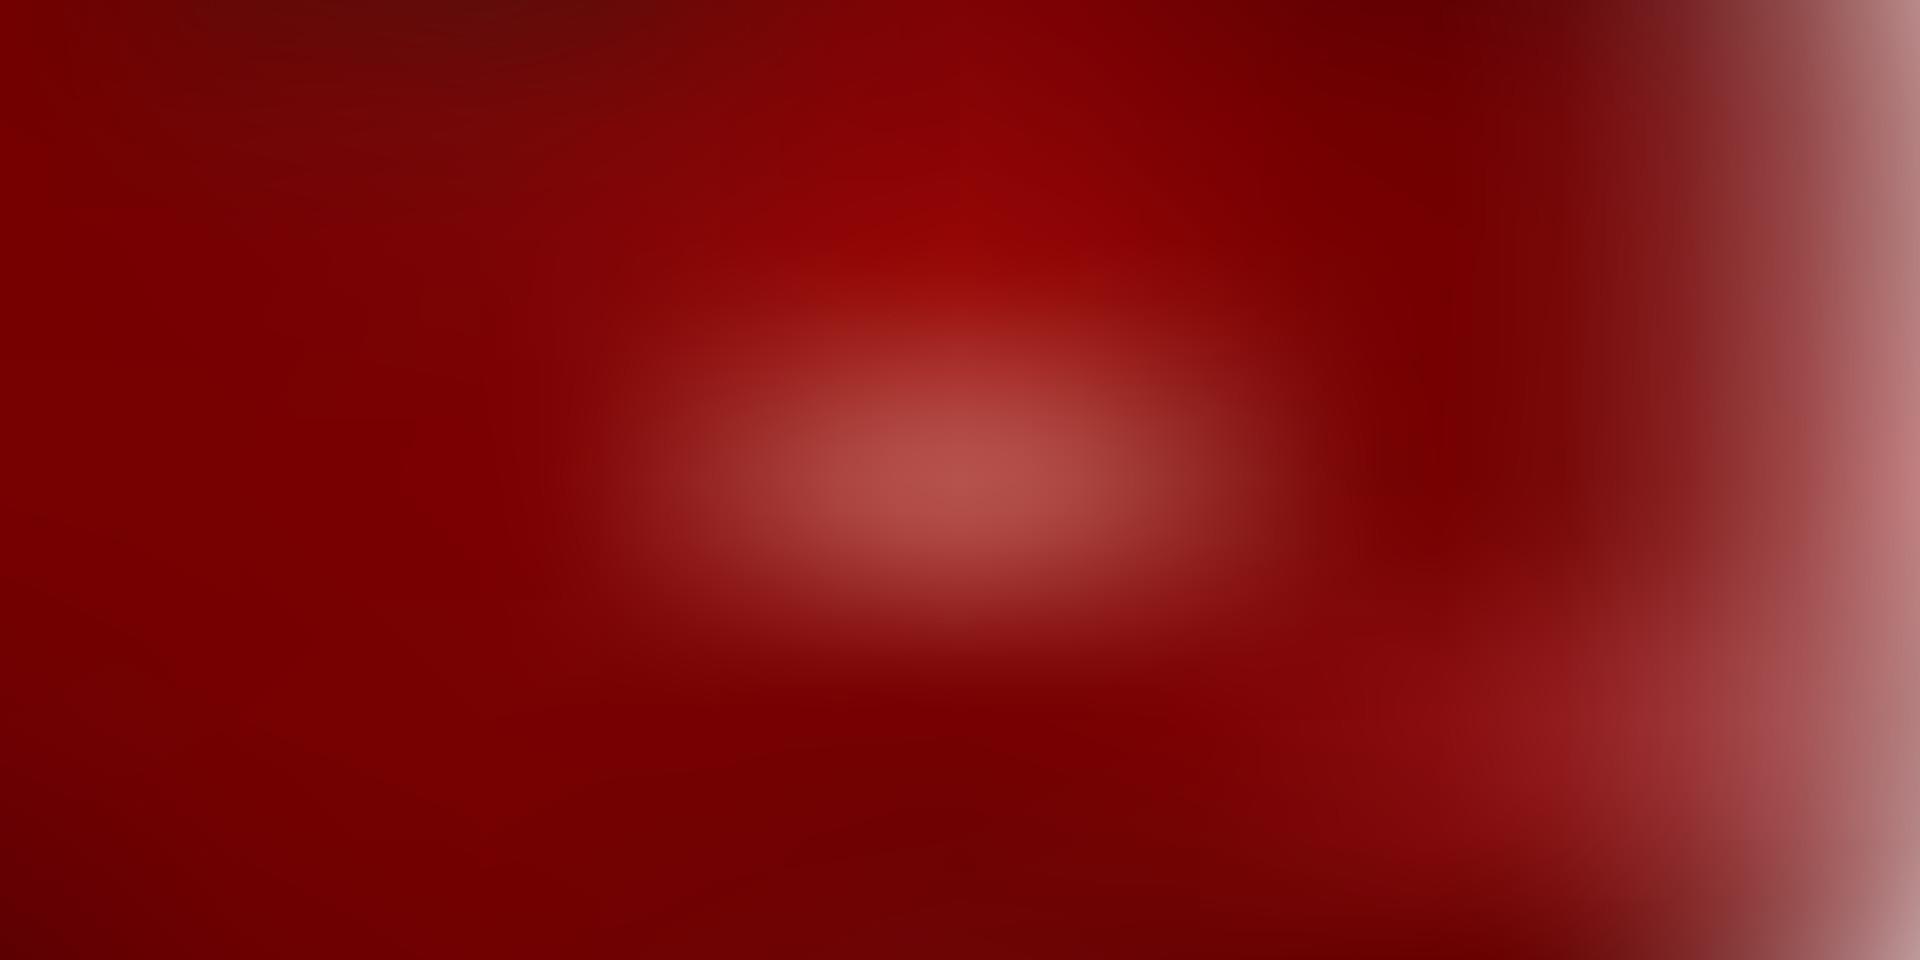 ljus orange vektor abstrakt oskärpa bakgrund.